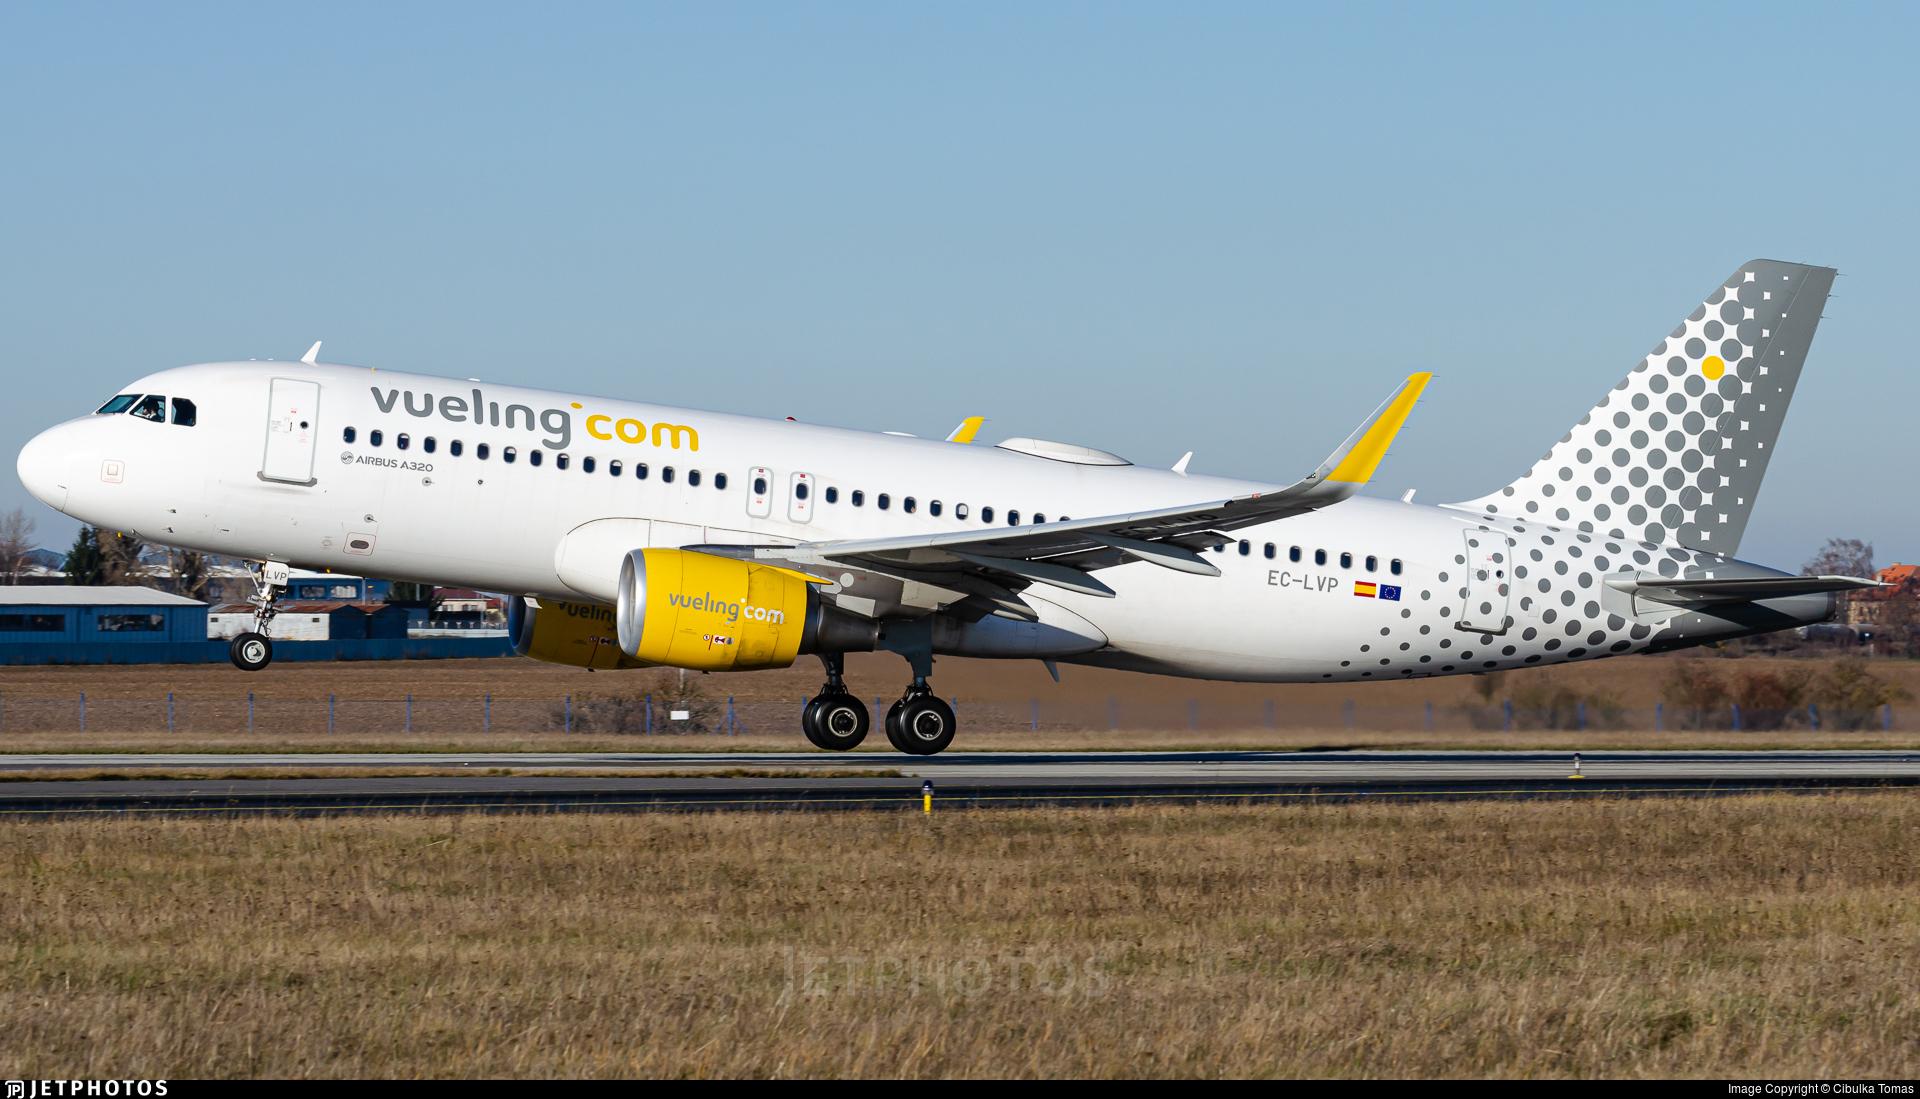 EC-LVP - Airbus A320-214 - Vueling